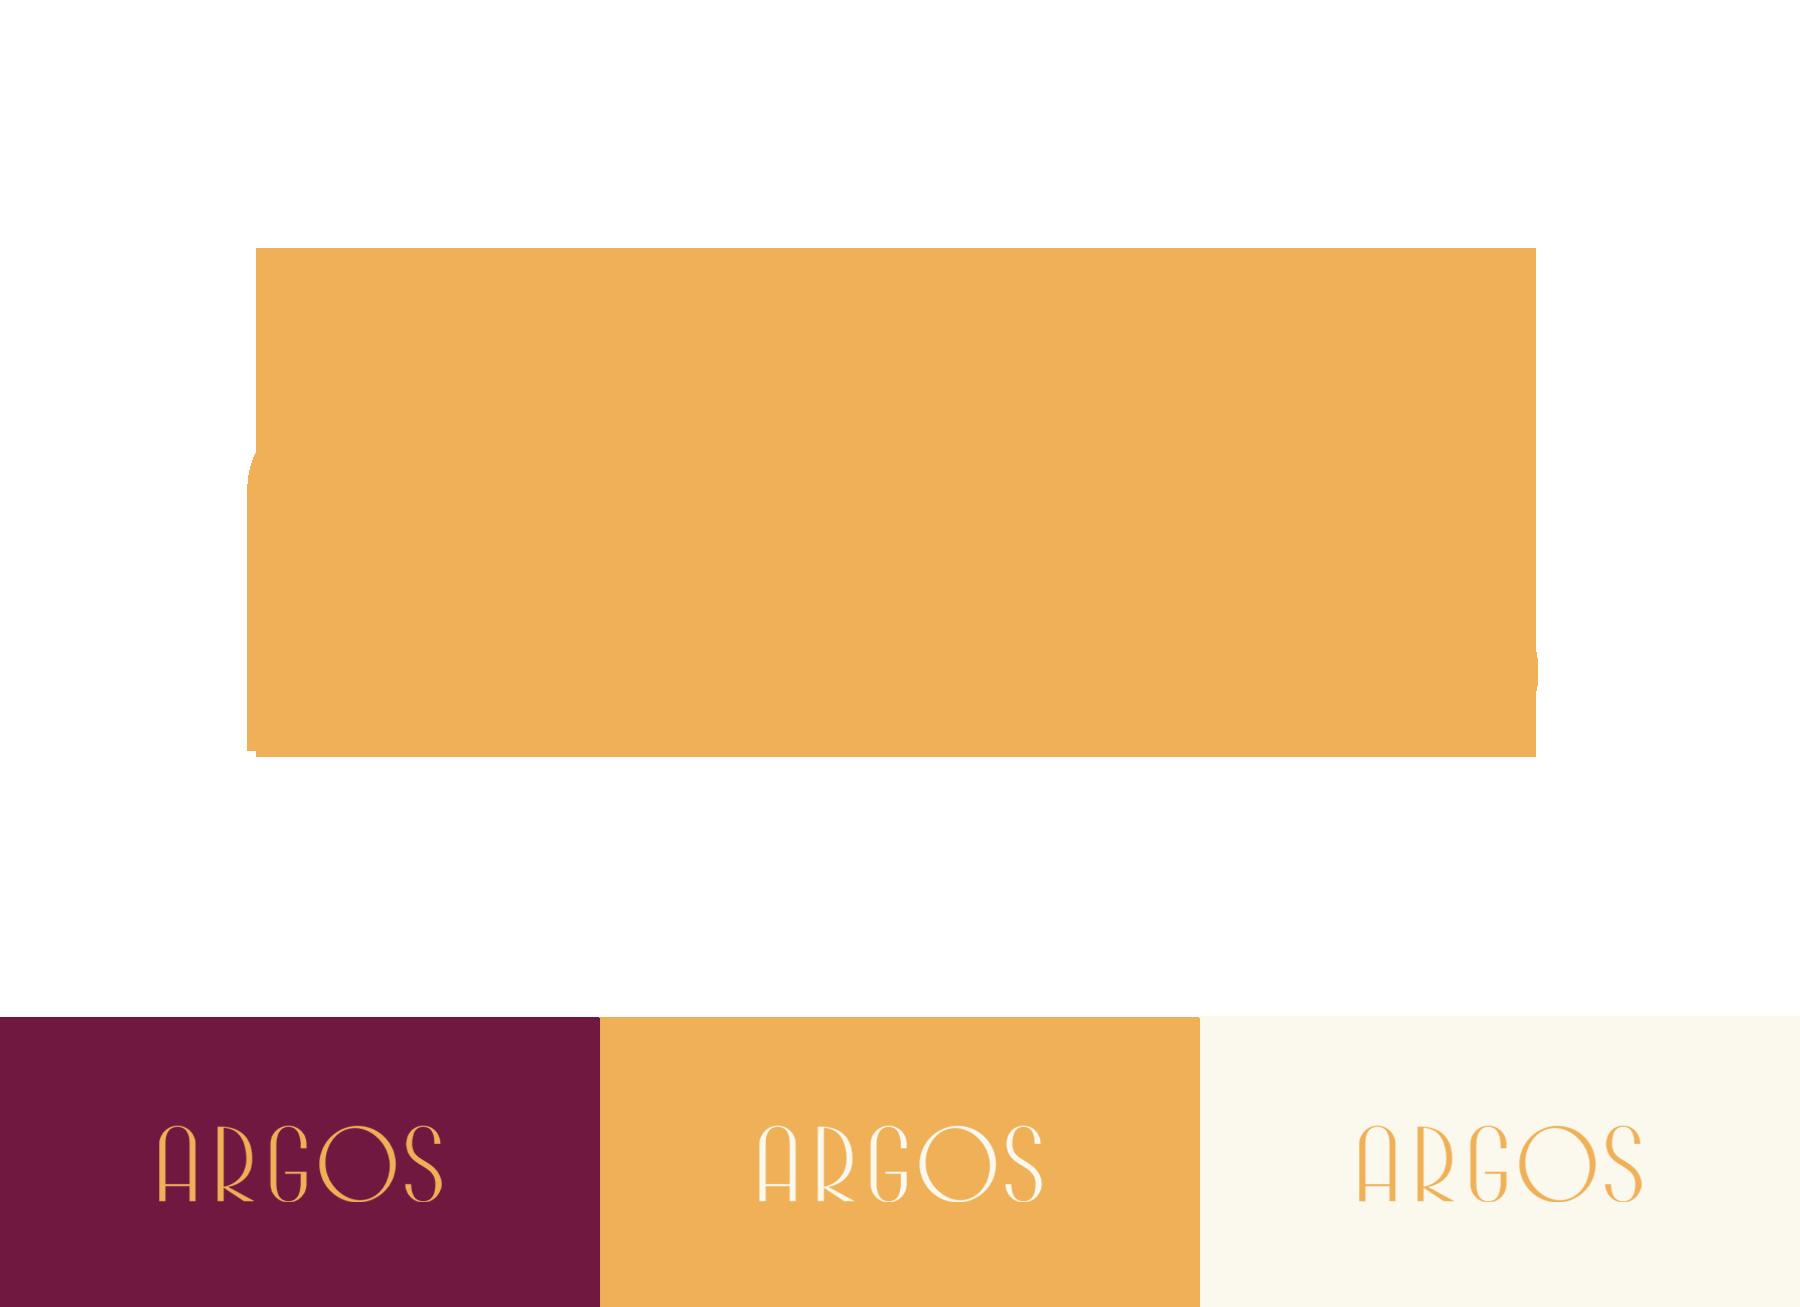 The Art Deco inspired logo for Hotel Argos